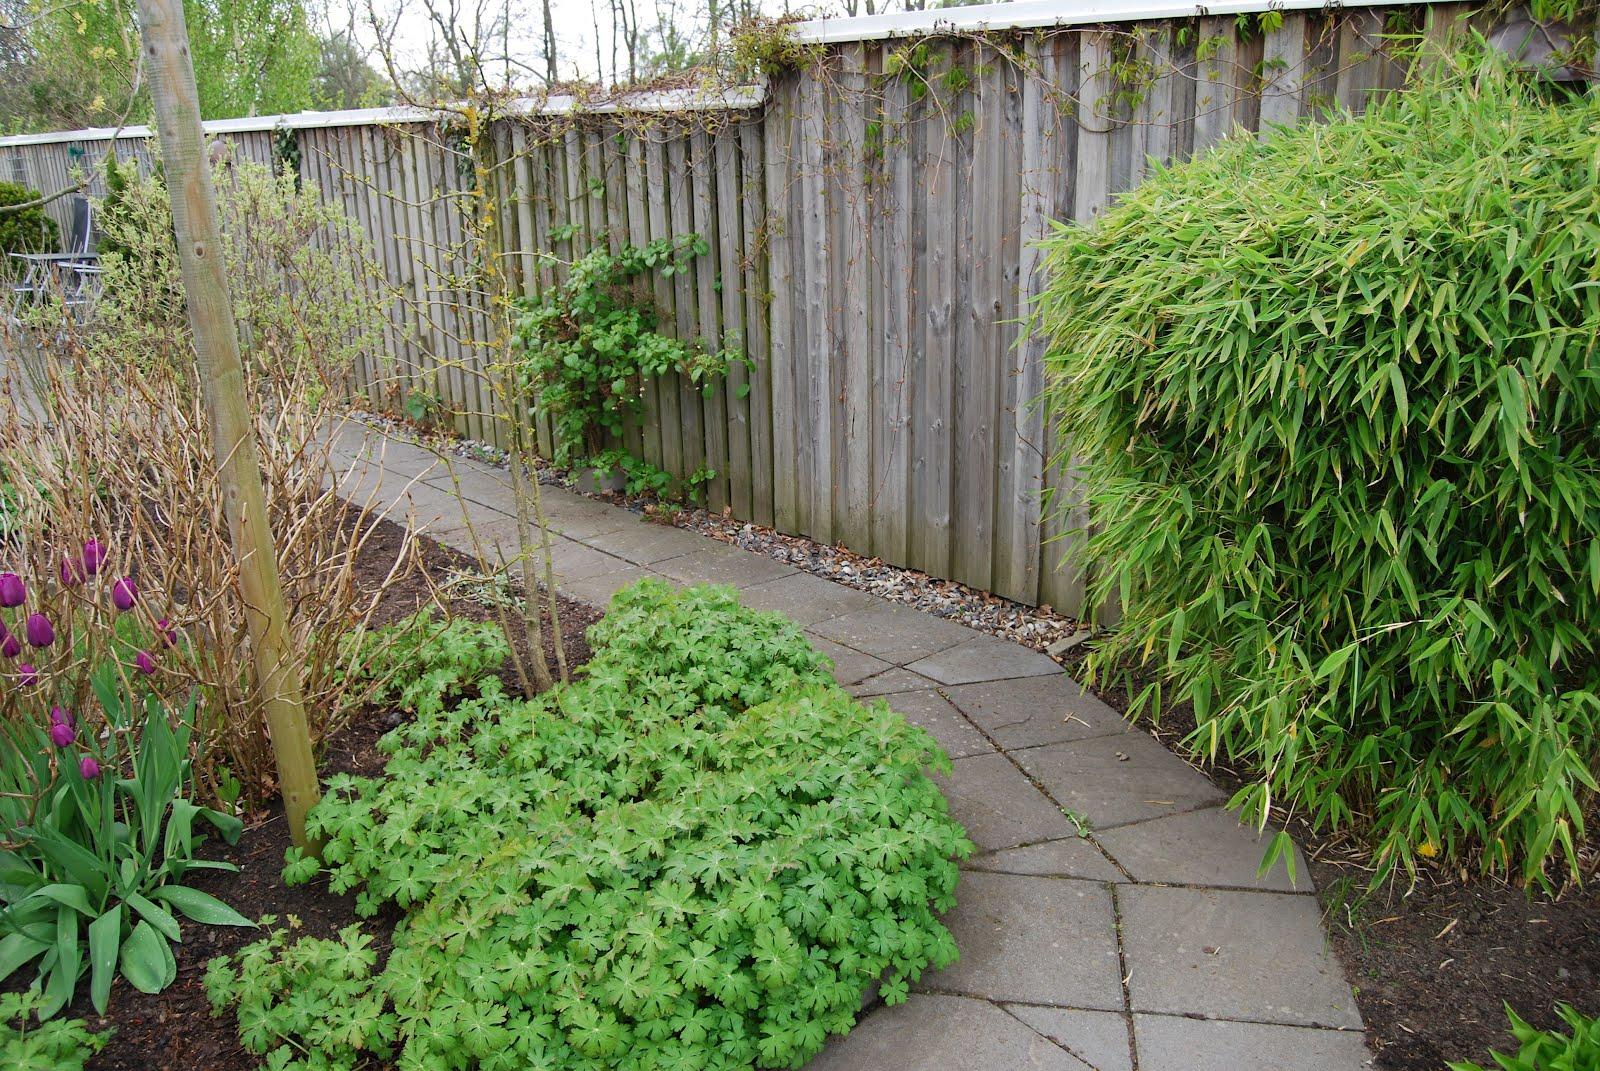 Trädgård plank trädgård : Cattis och Eiras TrädgÃ¥rdsdesign: Skapa väggar i trädgÃ¥rden II